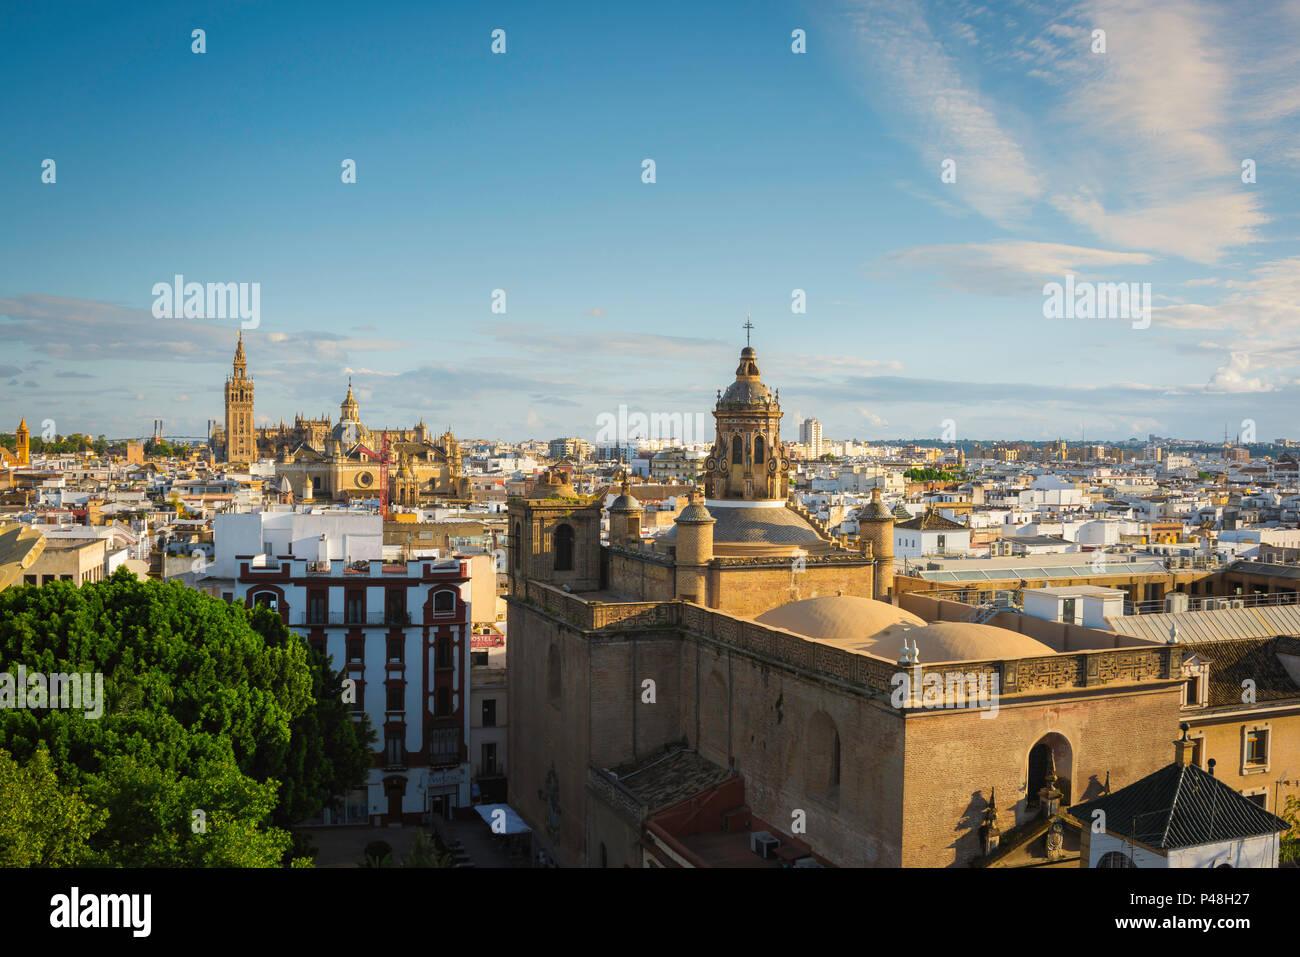 Sevilla España paisaje urbano, vista a través de la ciudad vieja de Sevilla al atardecer hacia la Catedral y La Giralda, Andalucia, España. Imagen De Stock